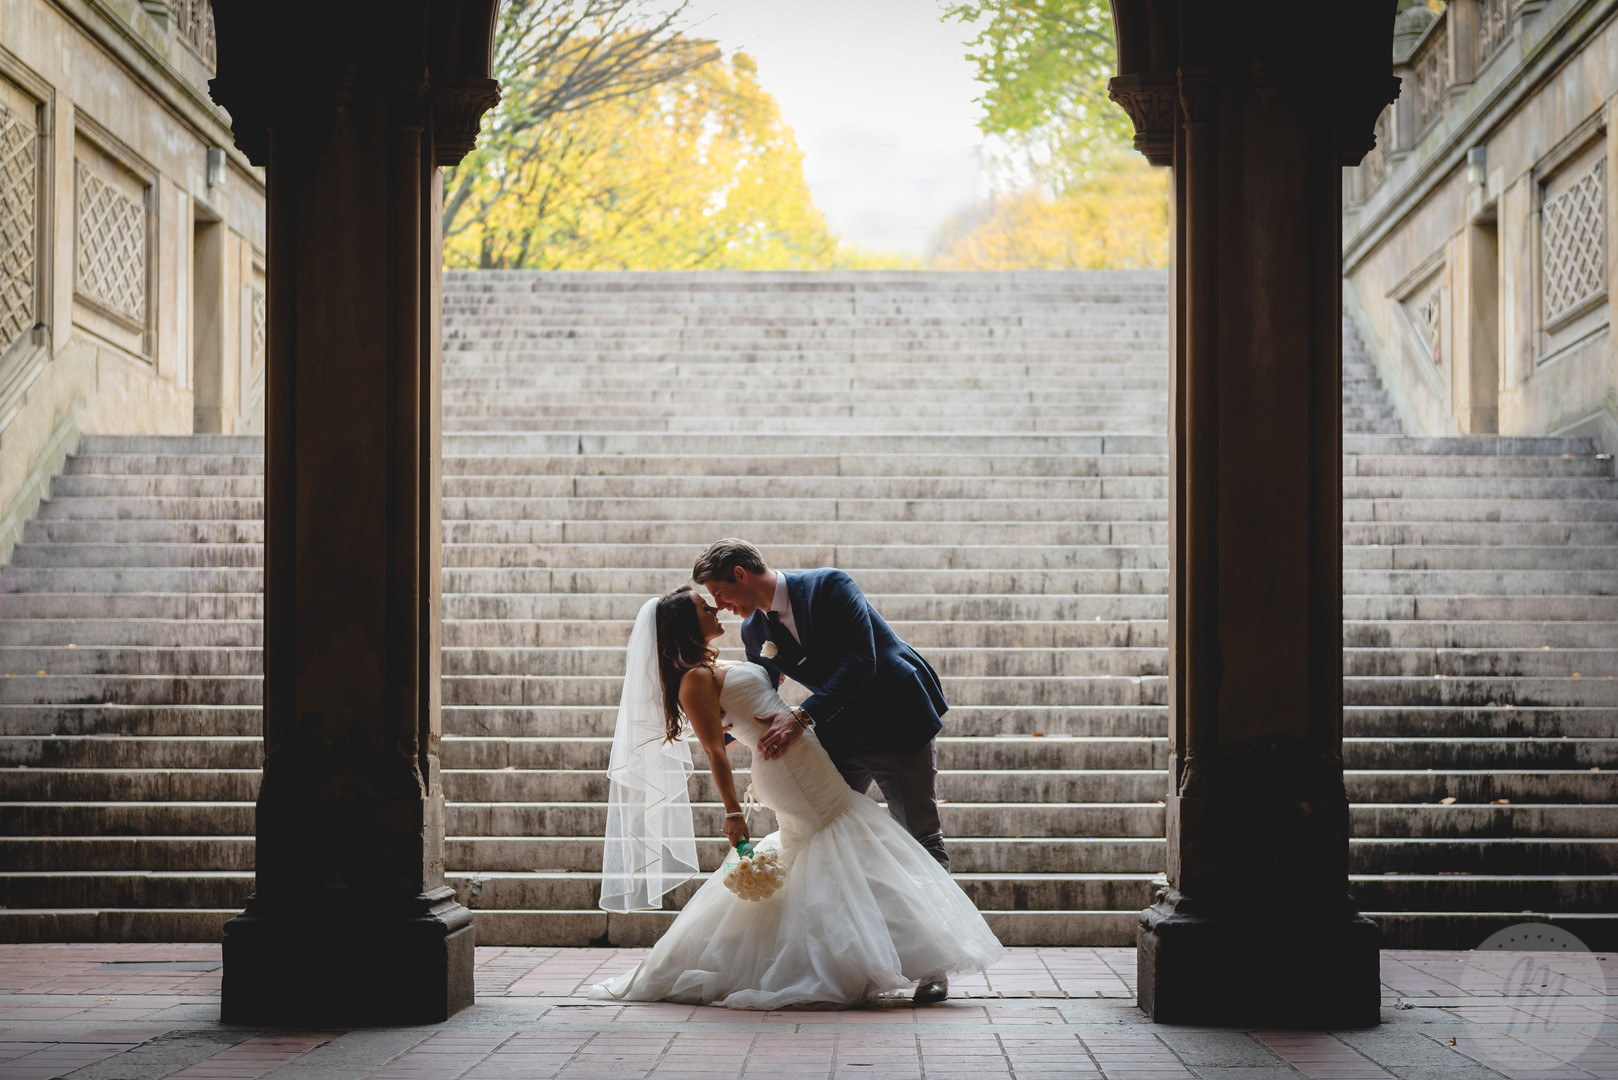 Groom leans bride back